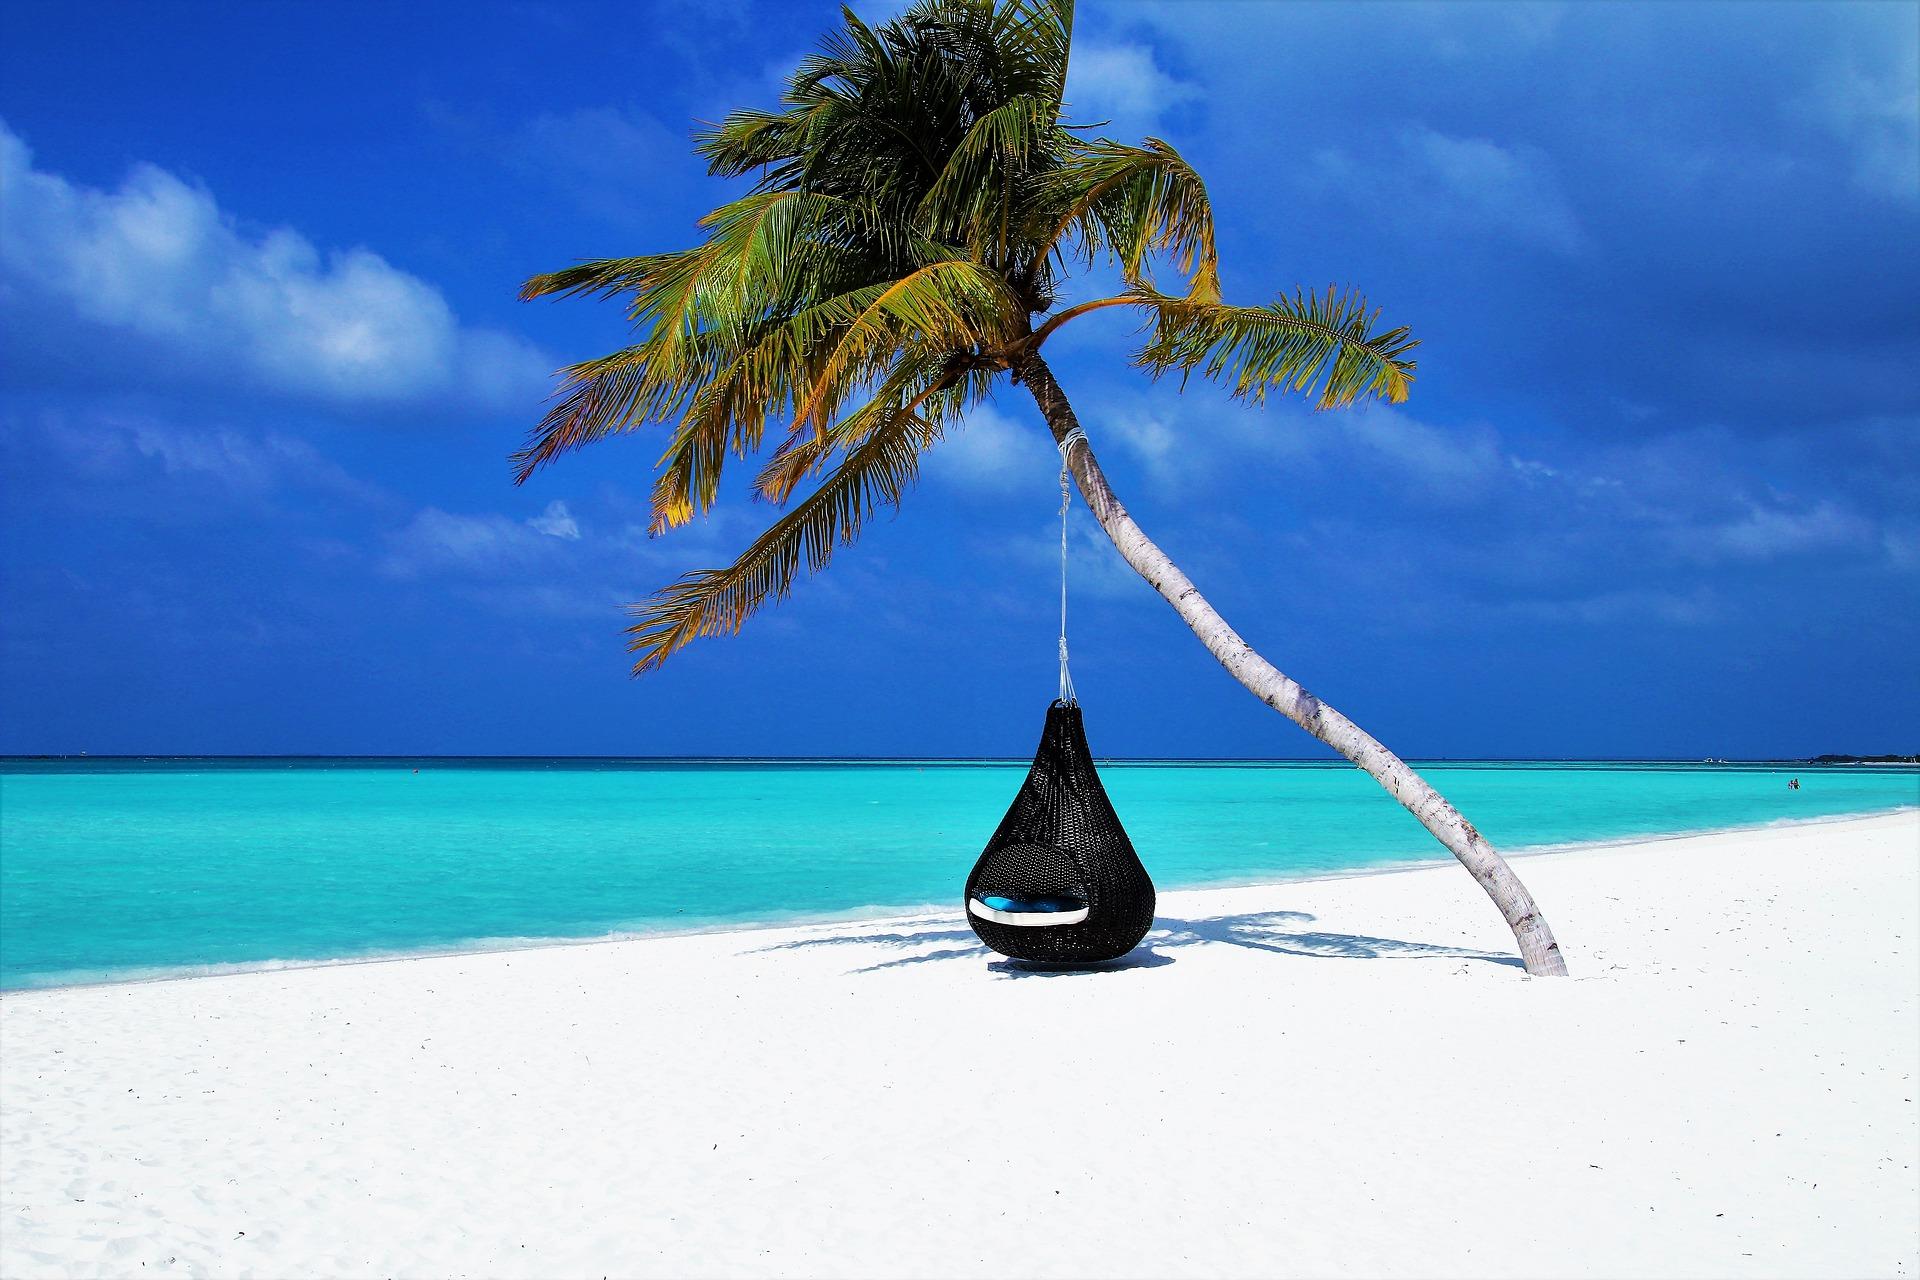 voyage sur mesure - lune de miel maldives